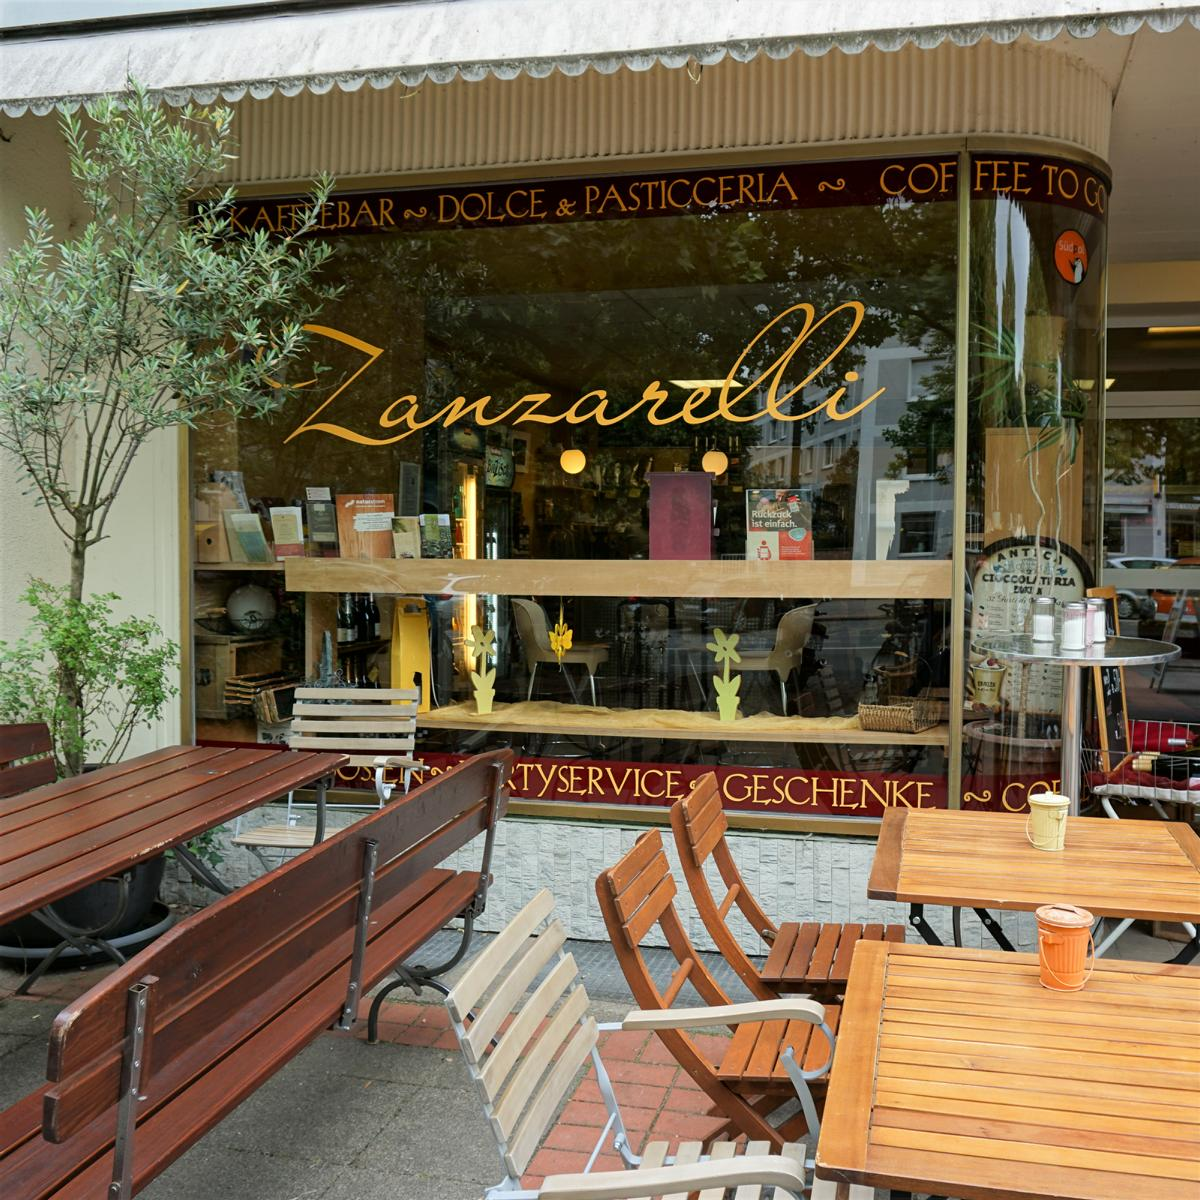 style hannover zanzarelli 9 - Zanzarelli - italienische Herzlichkeit in der Südstadt